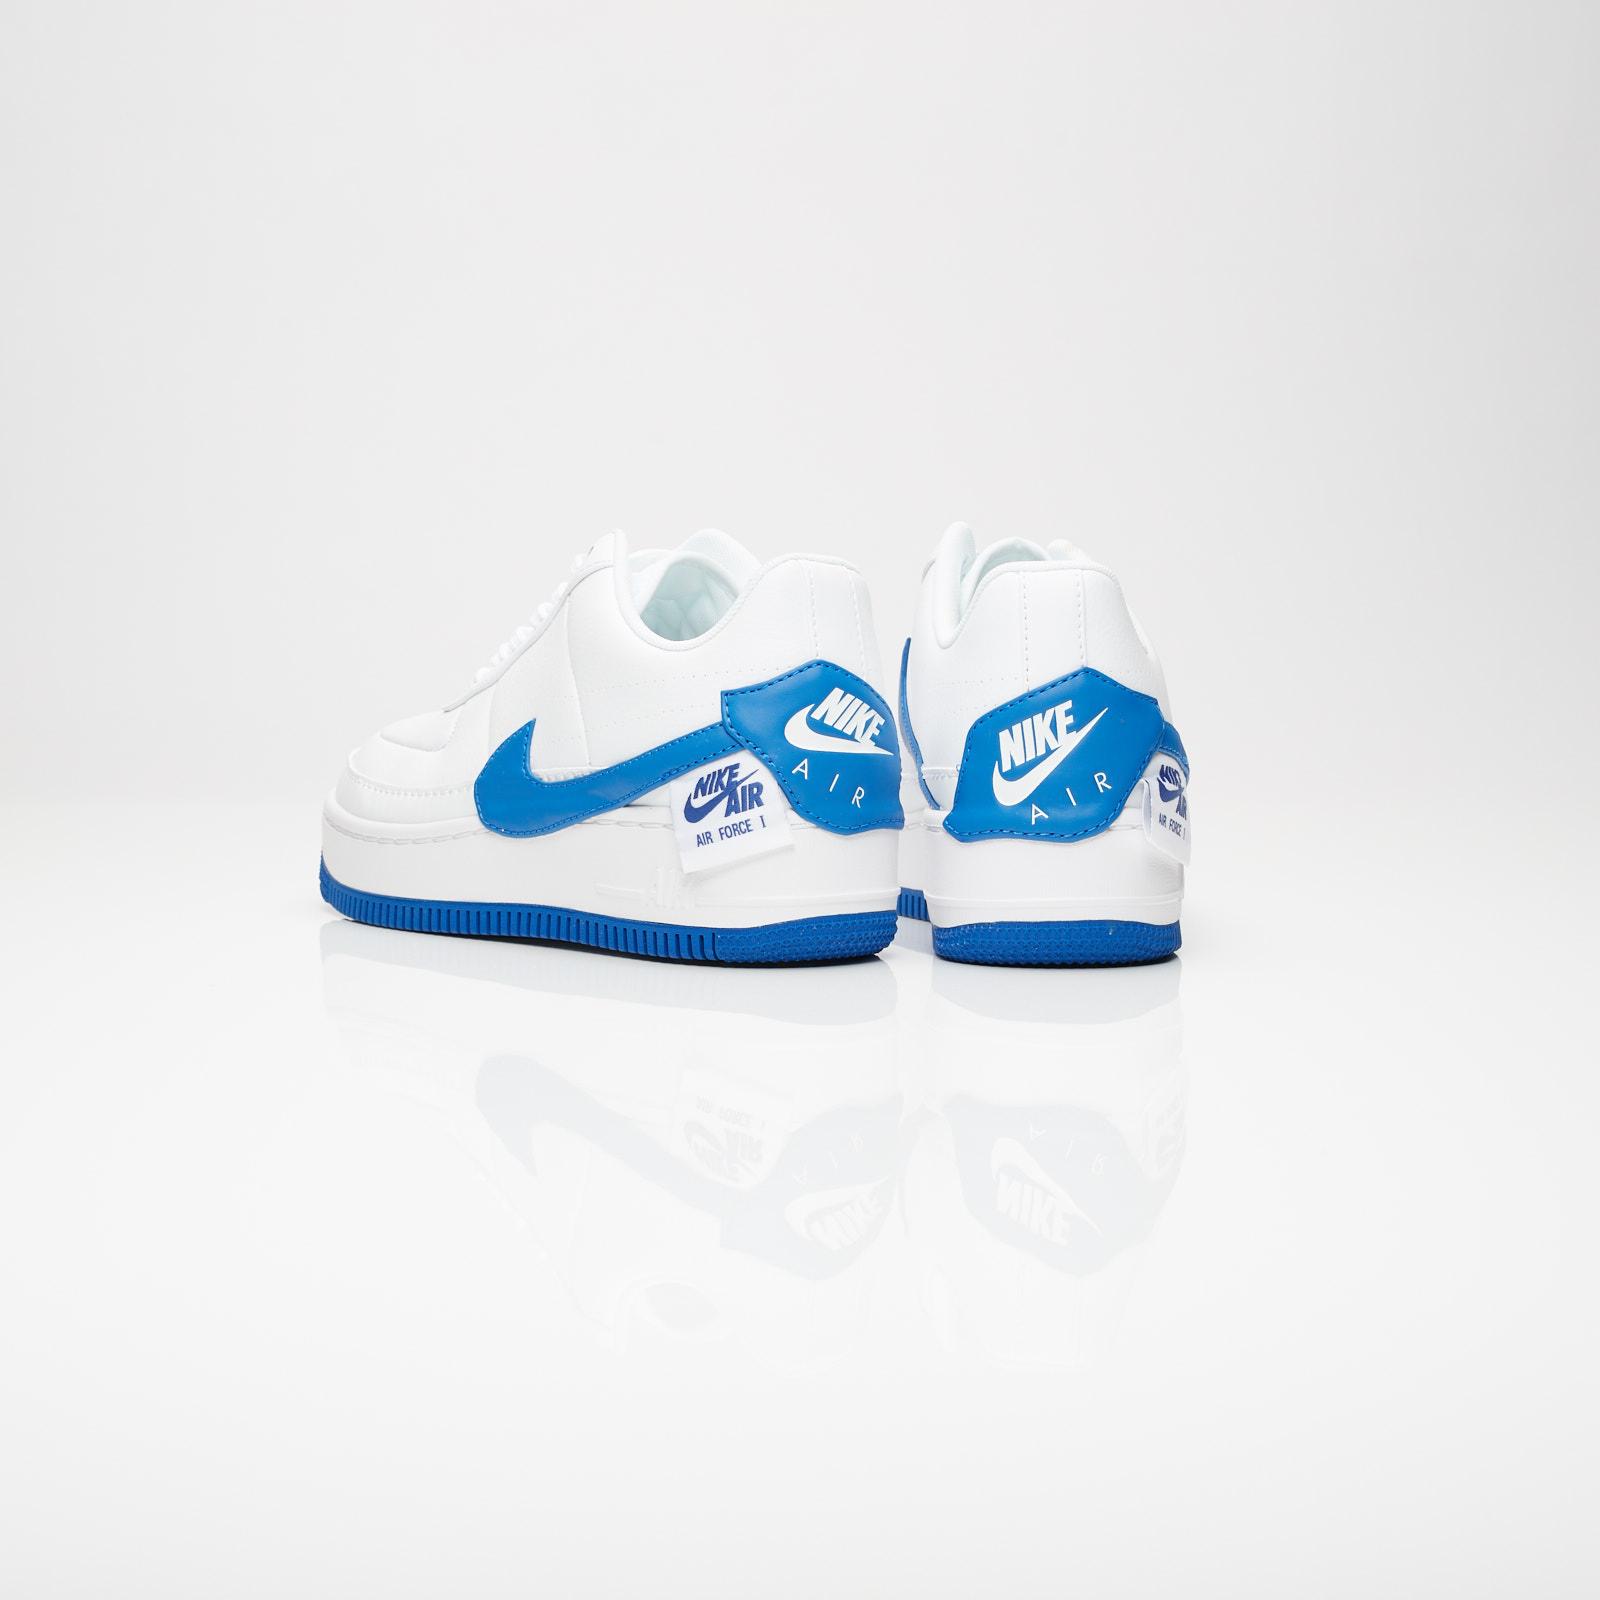 buy online 74f11 9ddb7 Nike Wmns Air Force 1 Jester XX - Ao1220-104 - Sneakersnstuff   sneakers    streetwear online since 1999